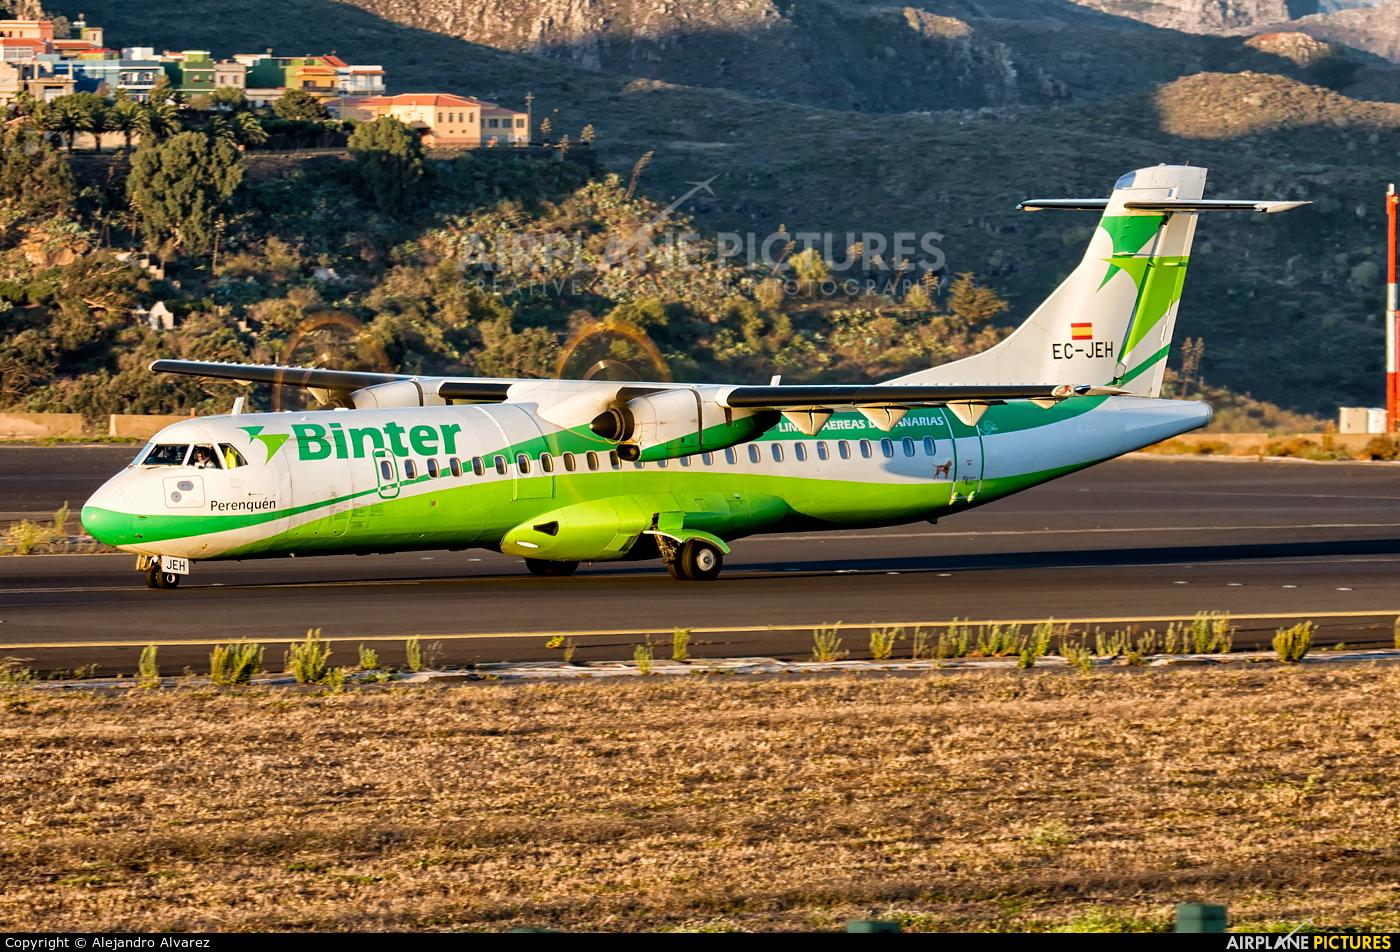 Binter Canarias EC-JEH aircraft at Tenerife Norte - Los Rodeos